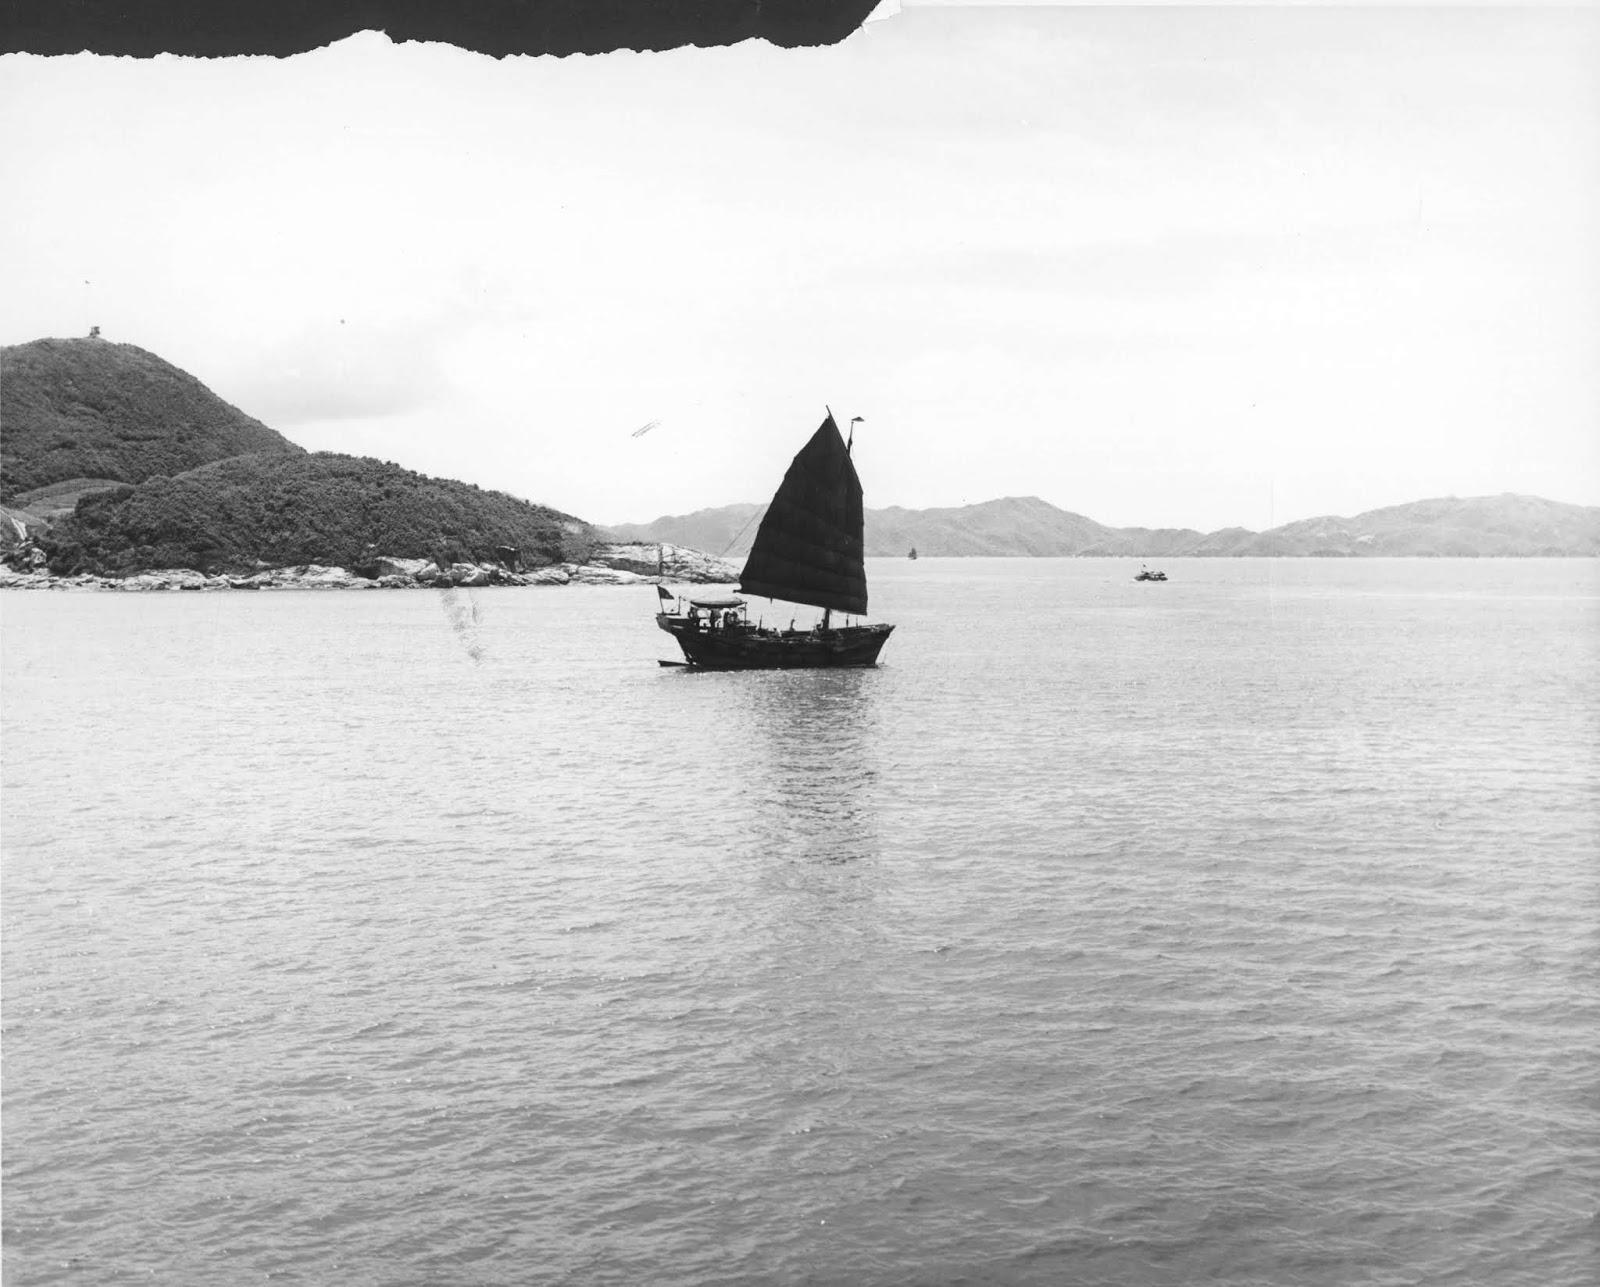 Barco a vela navegando em algum rio da China ilustra este post sobre o Shijing, o Livro das Canções.